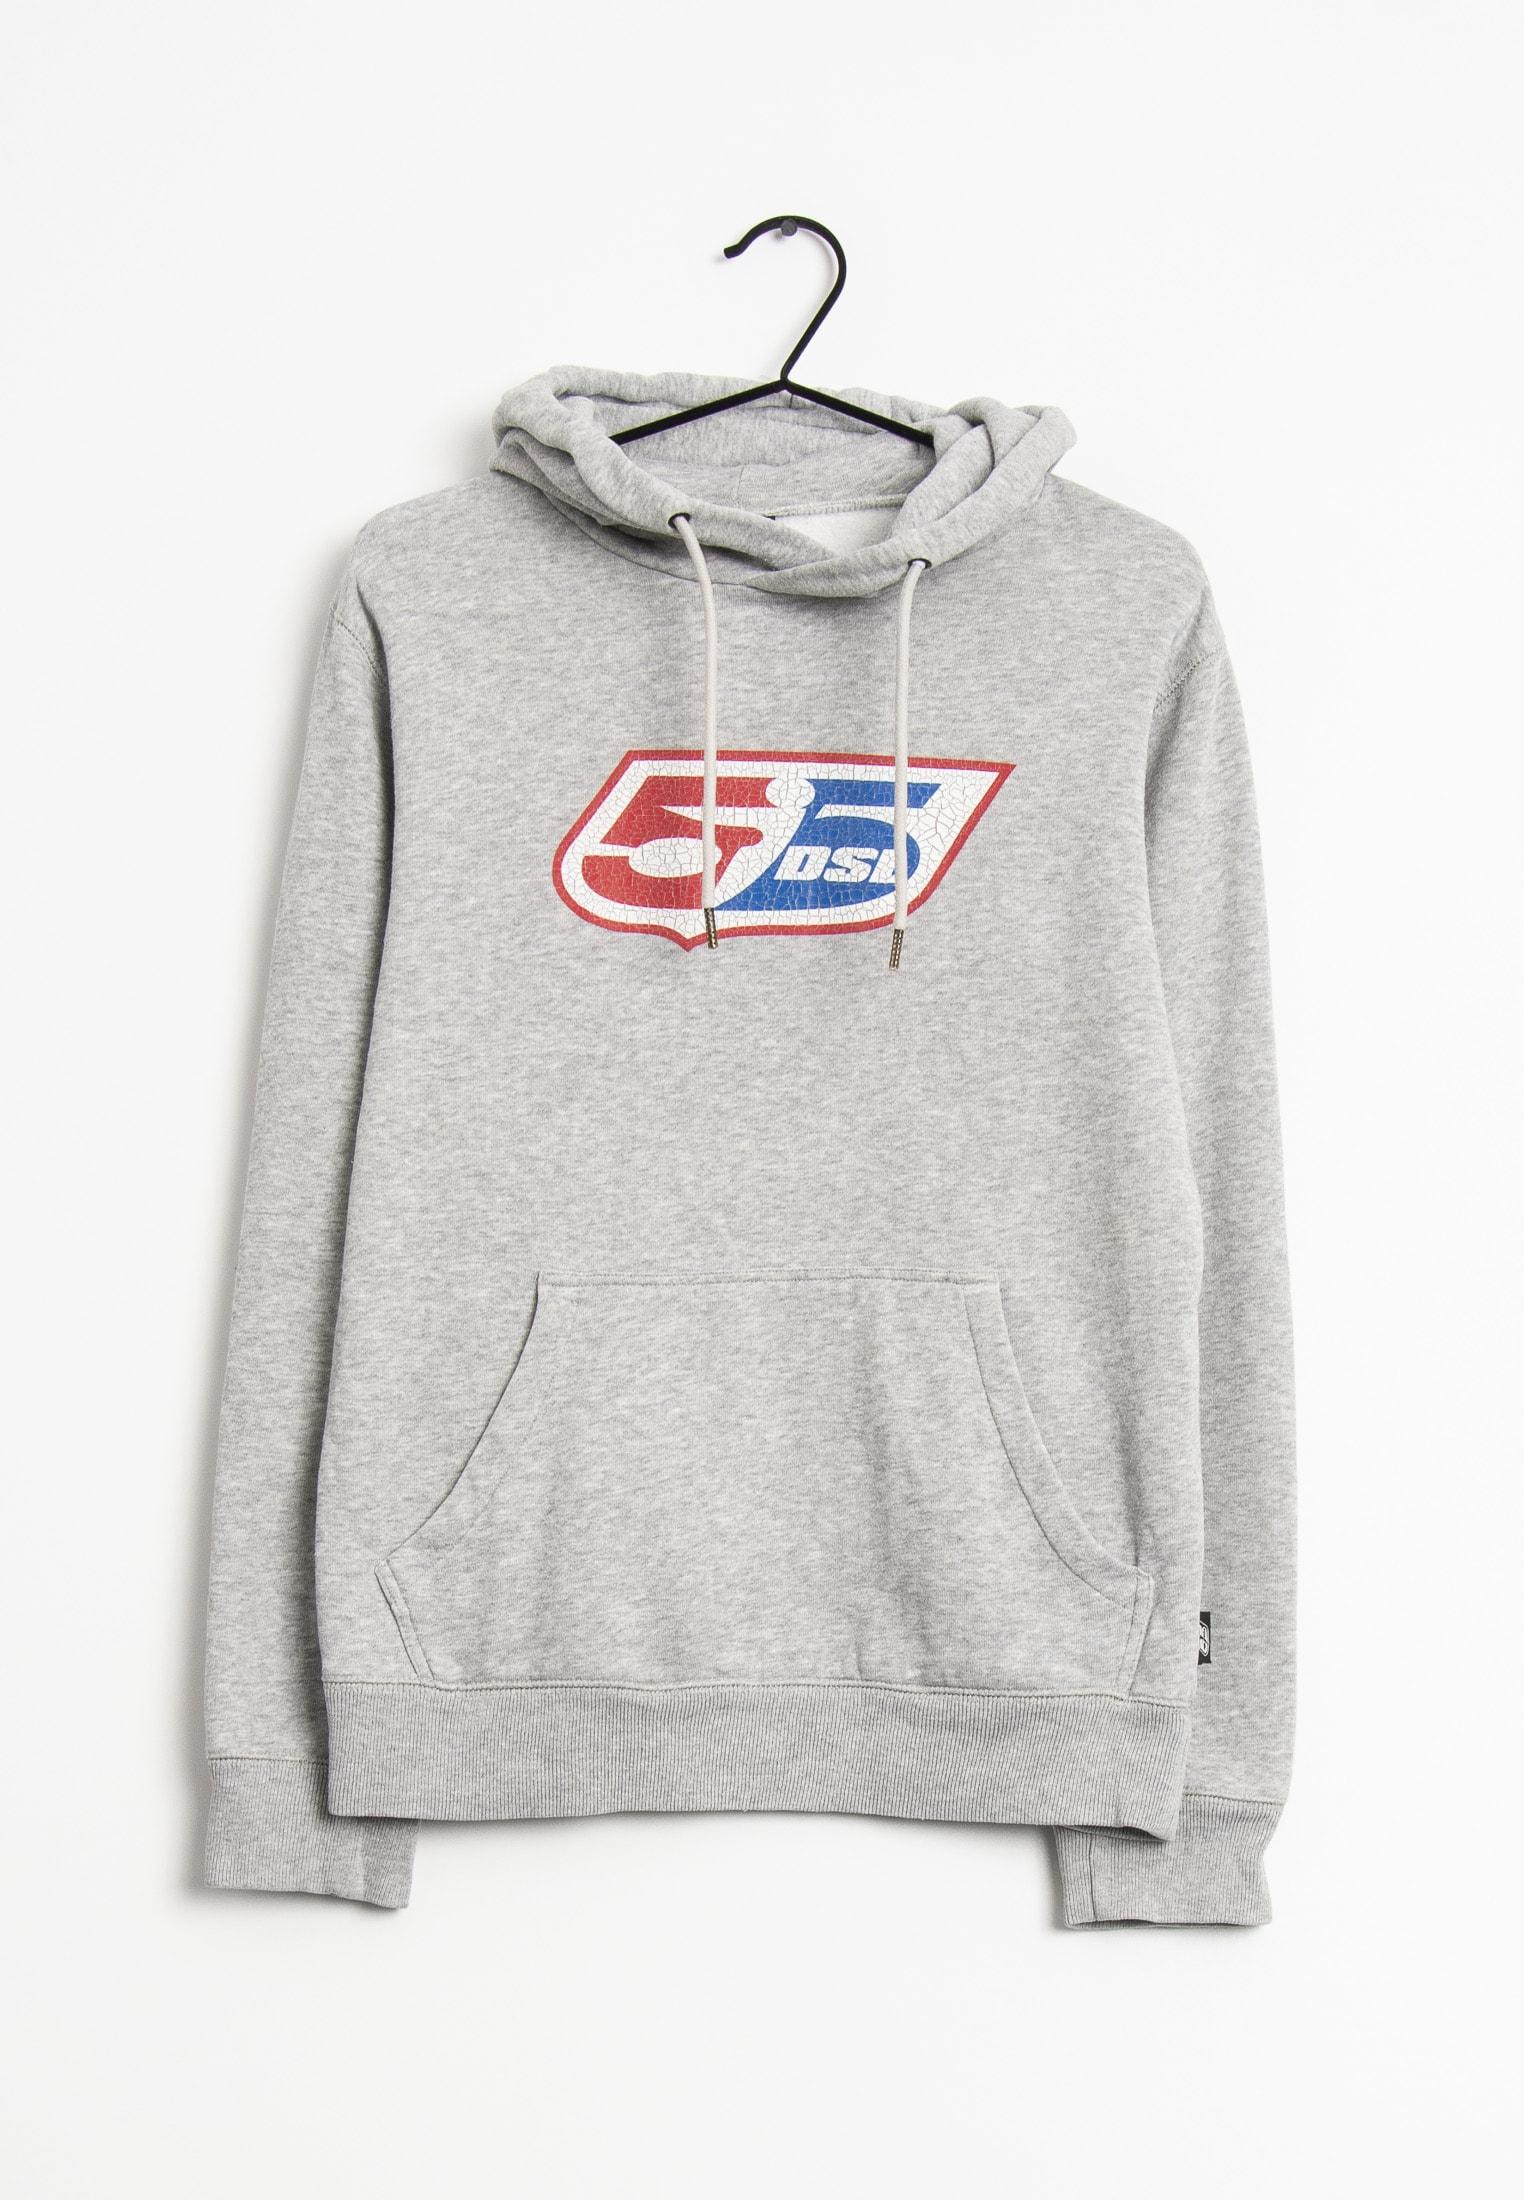 55 DSL Sweat / Fleece Grau Gr.XS